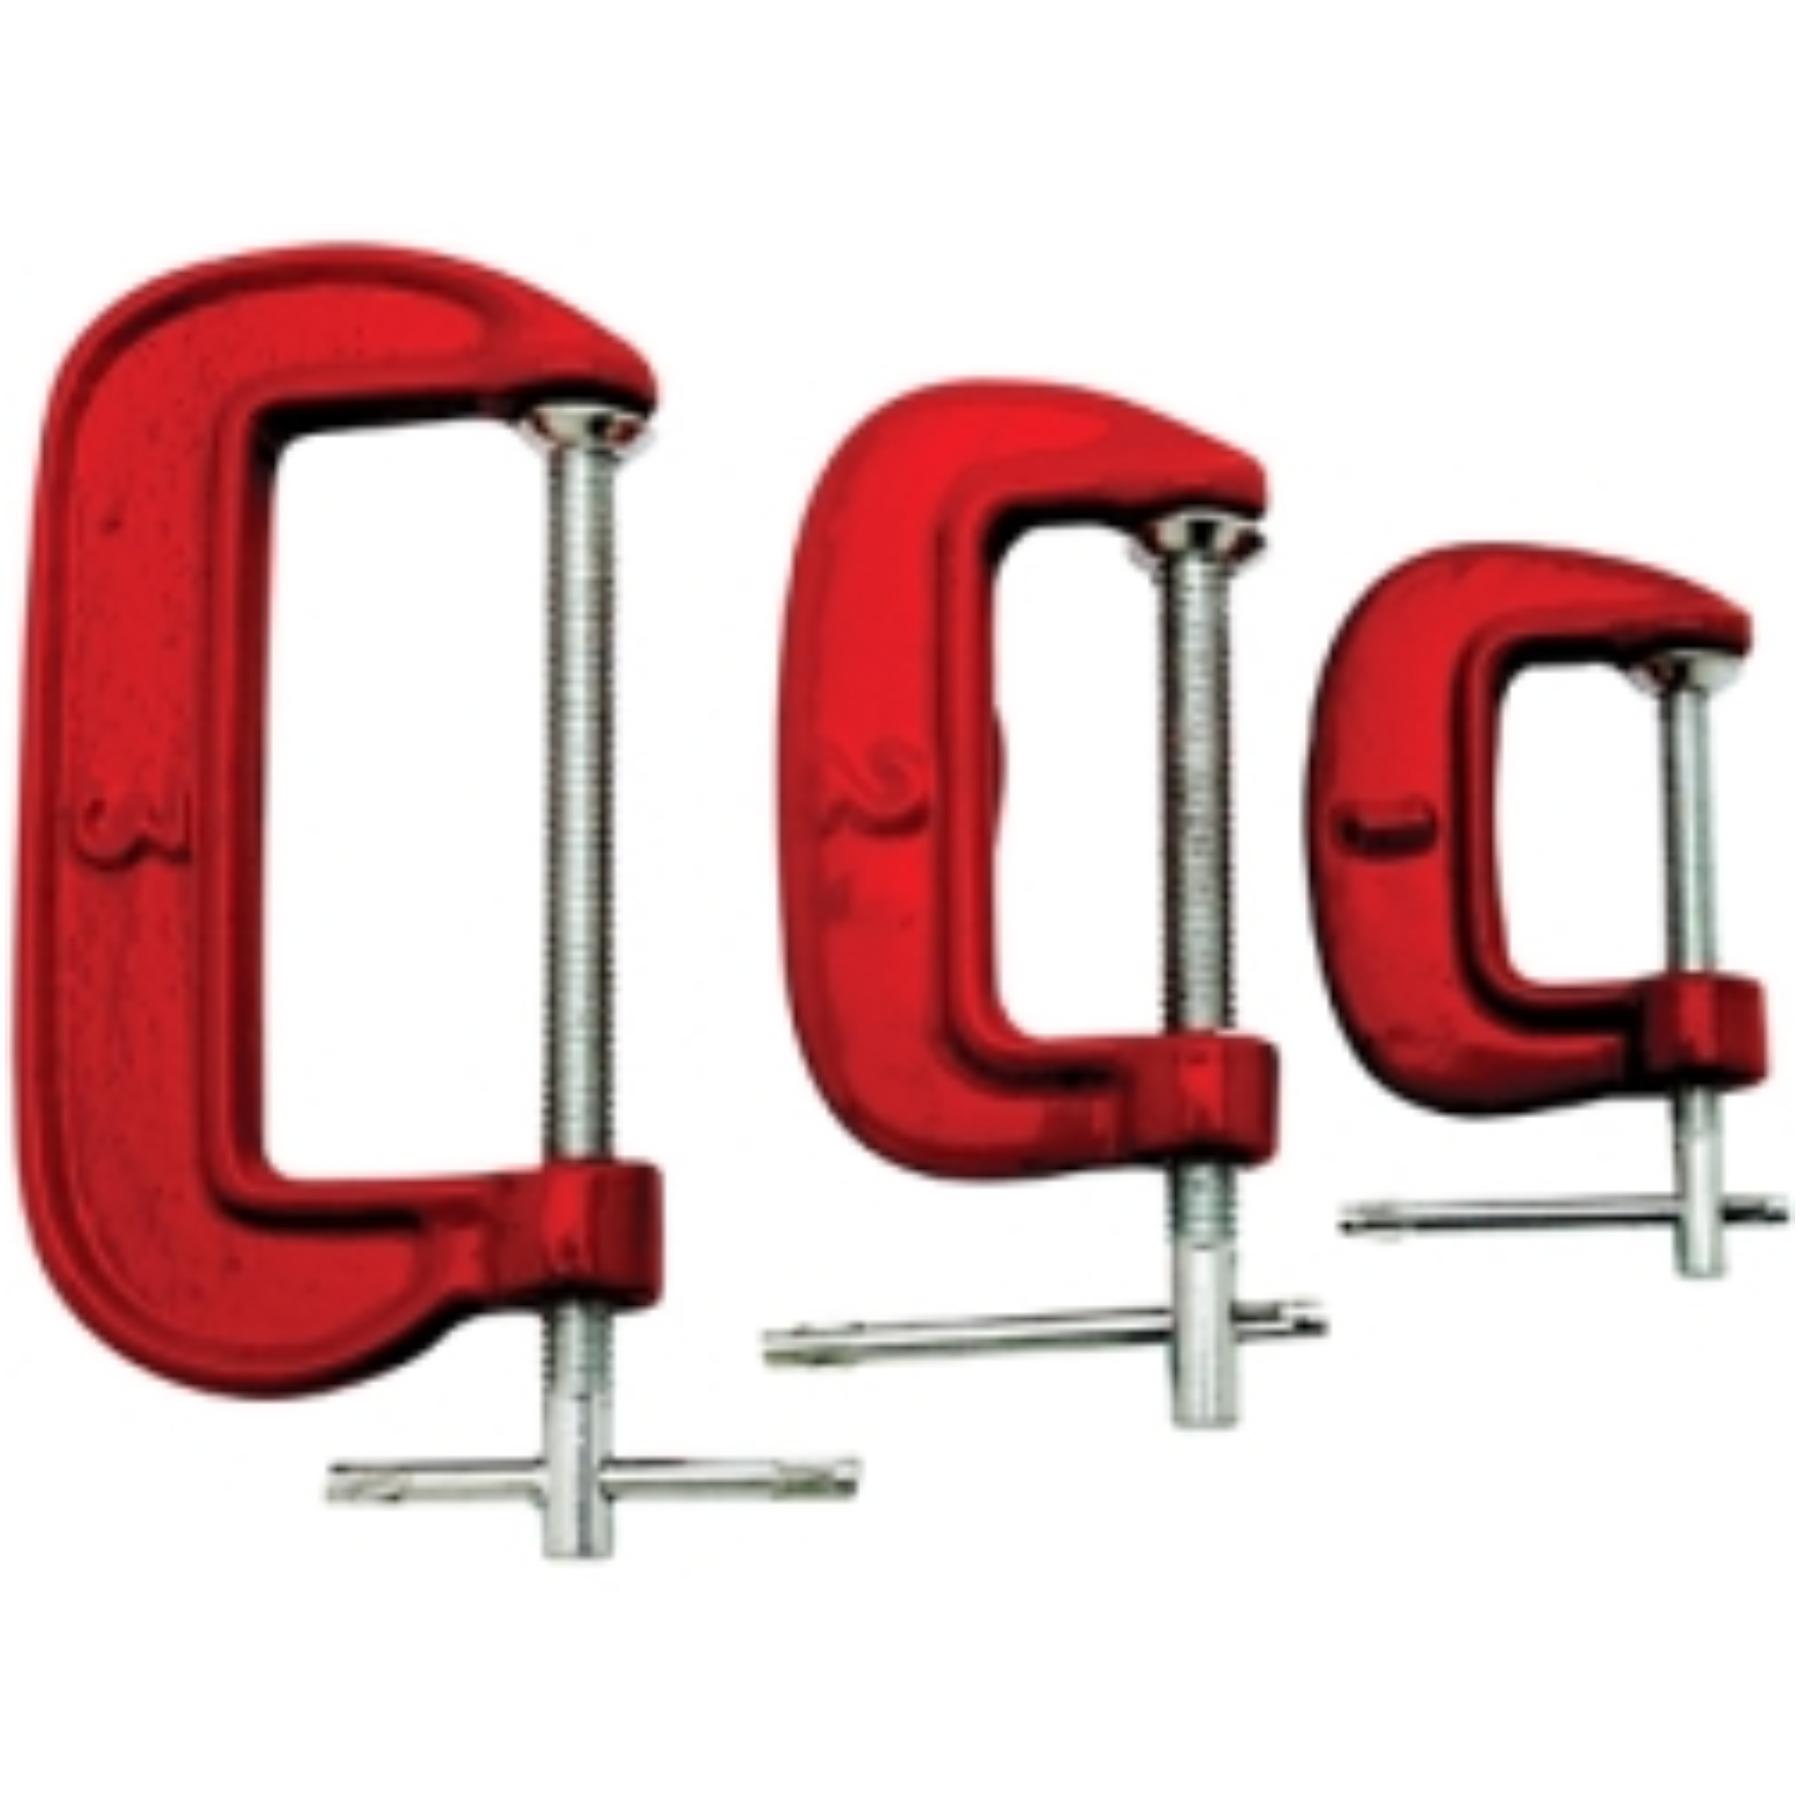 3 PC C-CLAMP SET - 1 2 3